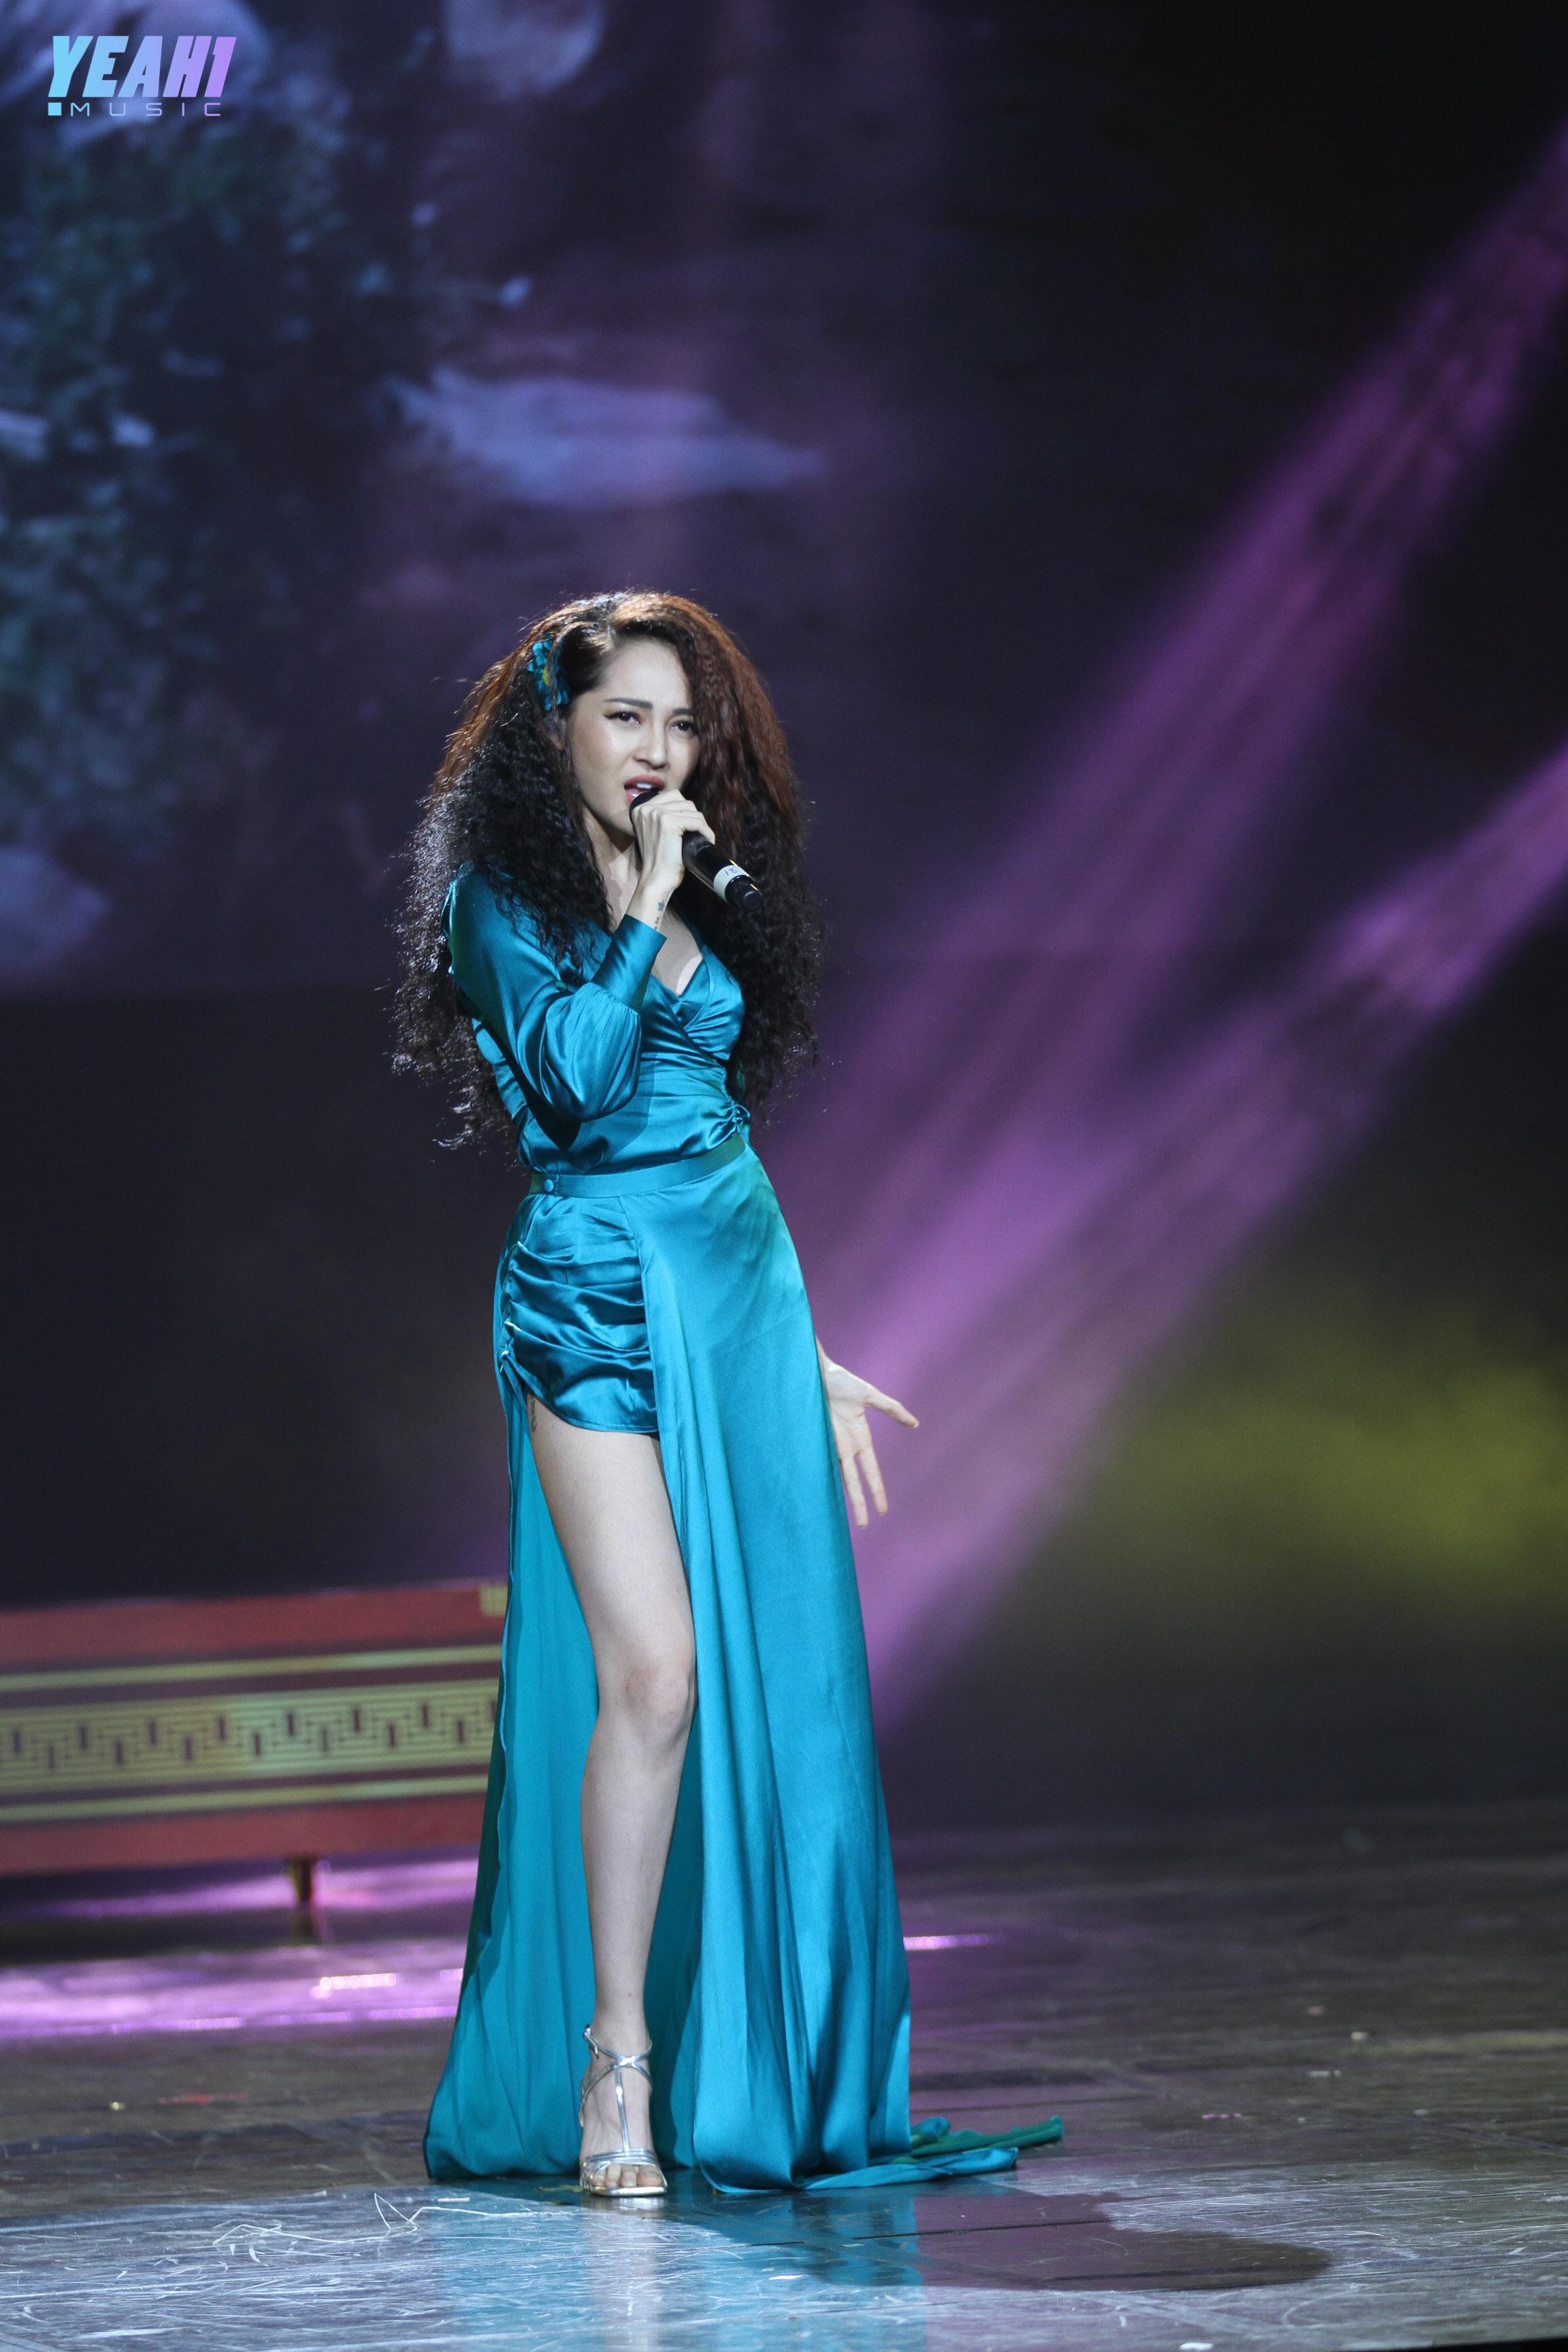 Đúng Như lời đồn, Bảo Anh trình diễn hit mới nóng bỏng đáp trả anti fan